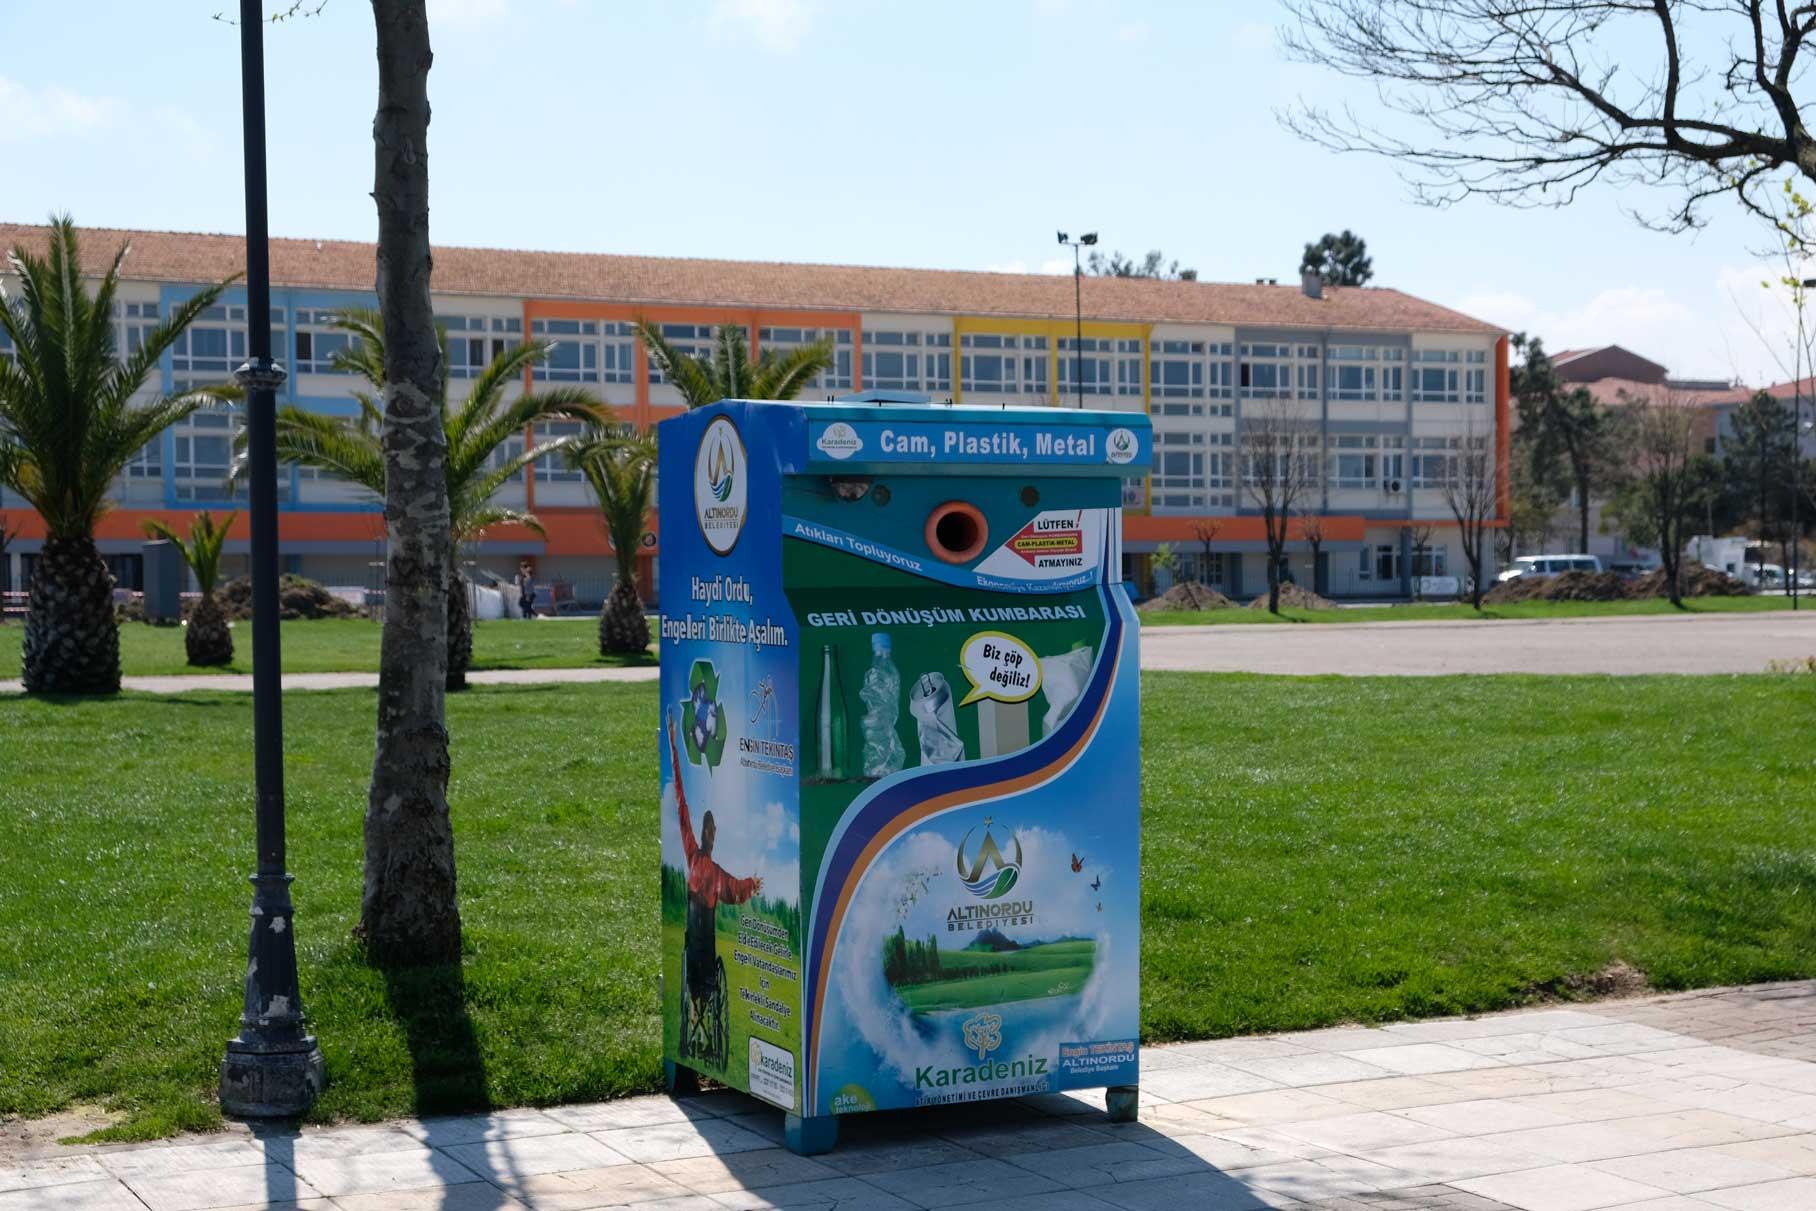 Ein Recycling-Container am Wegesrand. Eine gute Initiative, die jedoch in der Türkei leider noch eine Ausnahme ist.